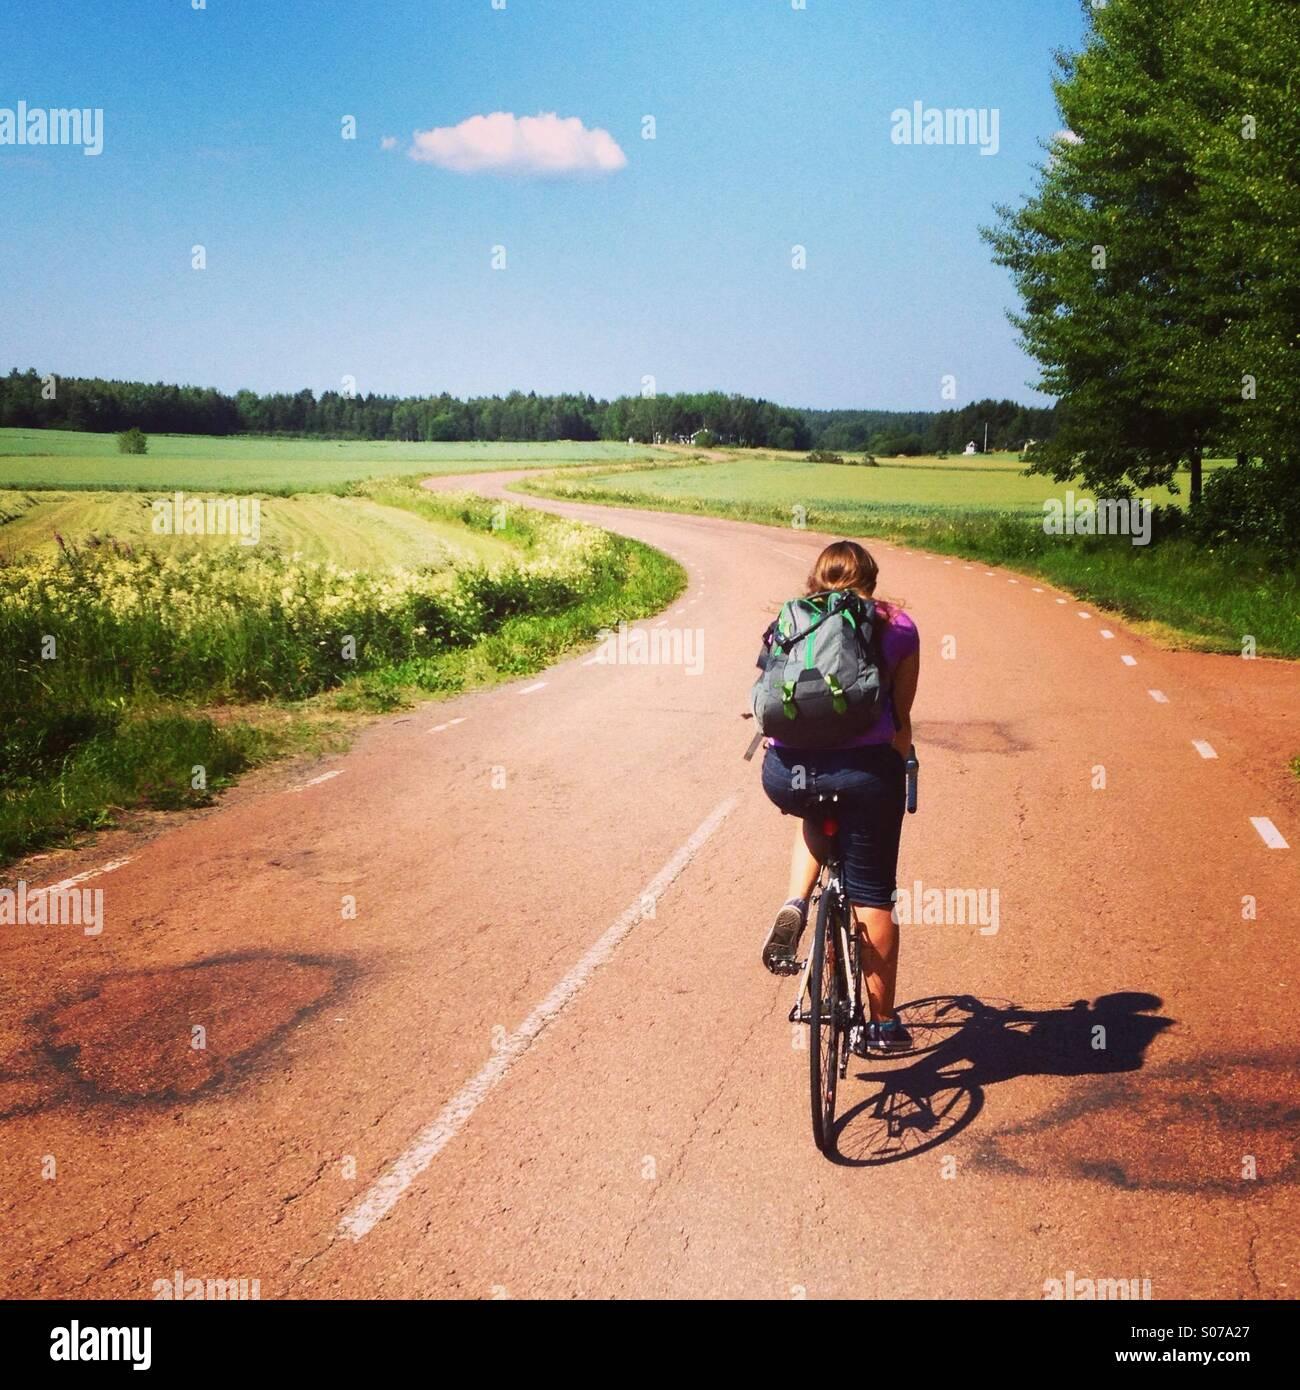 Una mujer en unas vacaciones en bicicleta en una carretera serpenteando rojo tradicional en el archipiélago Imagen De Stock